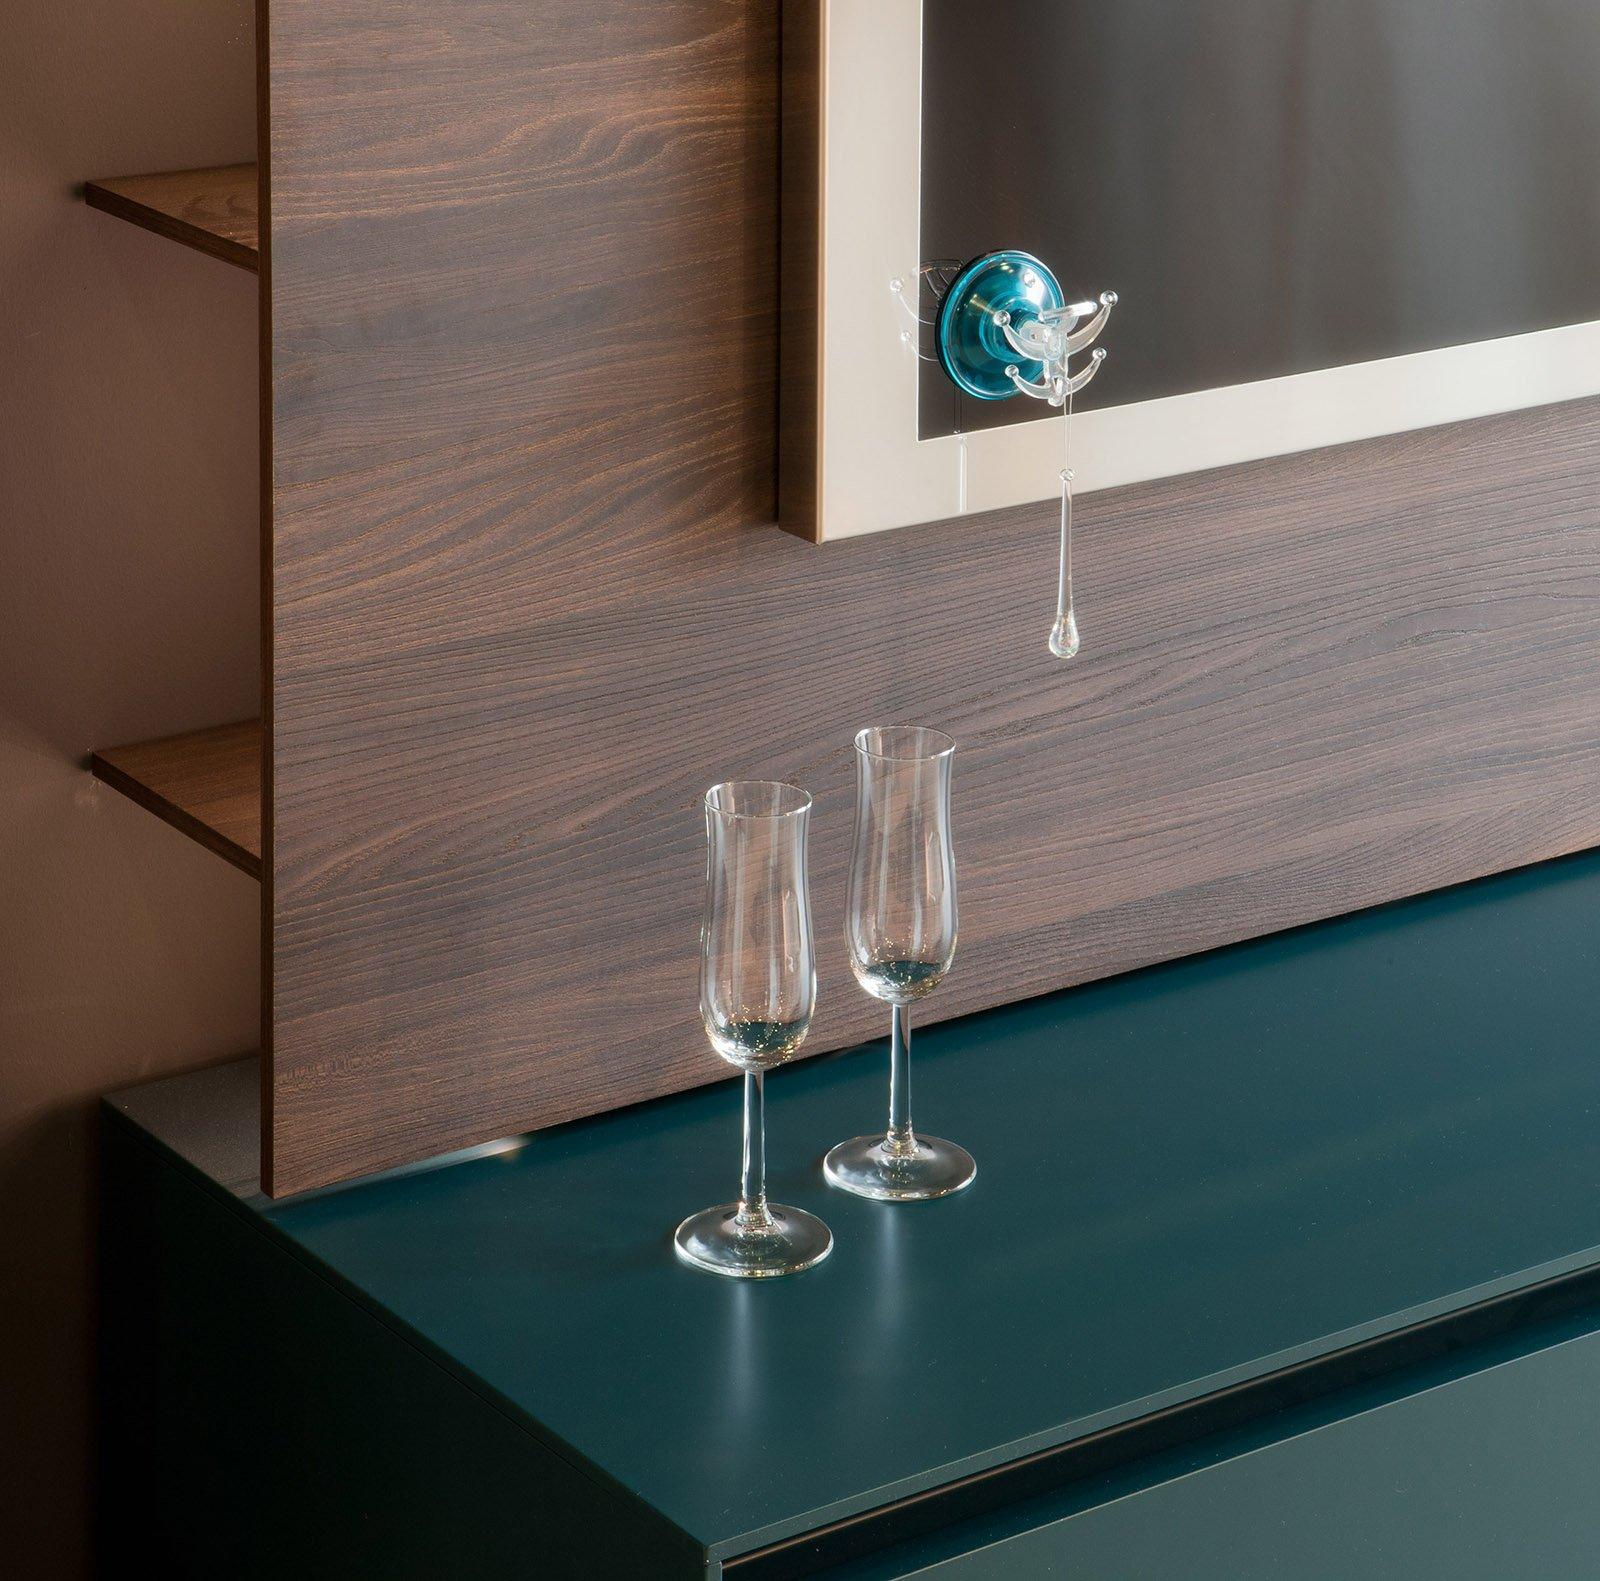 2momylu fashion piccoliutensilicucina cose di casa - Oggetti cucina design ...